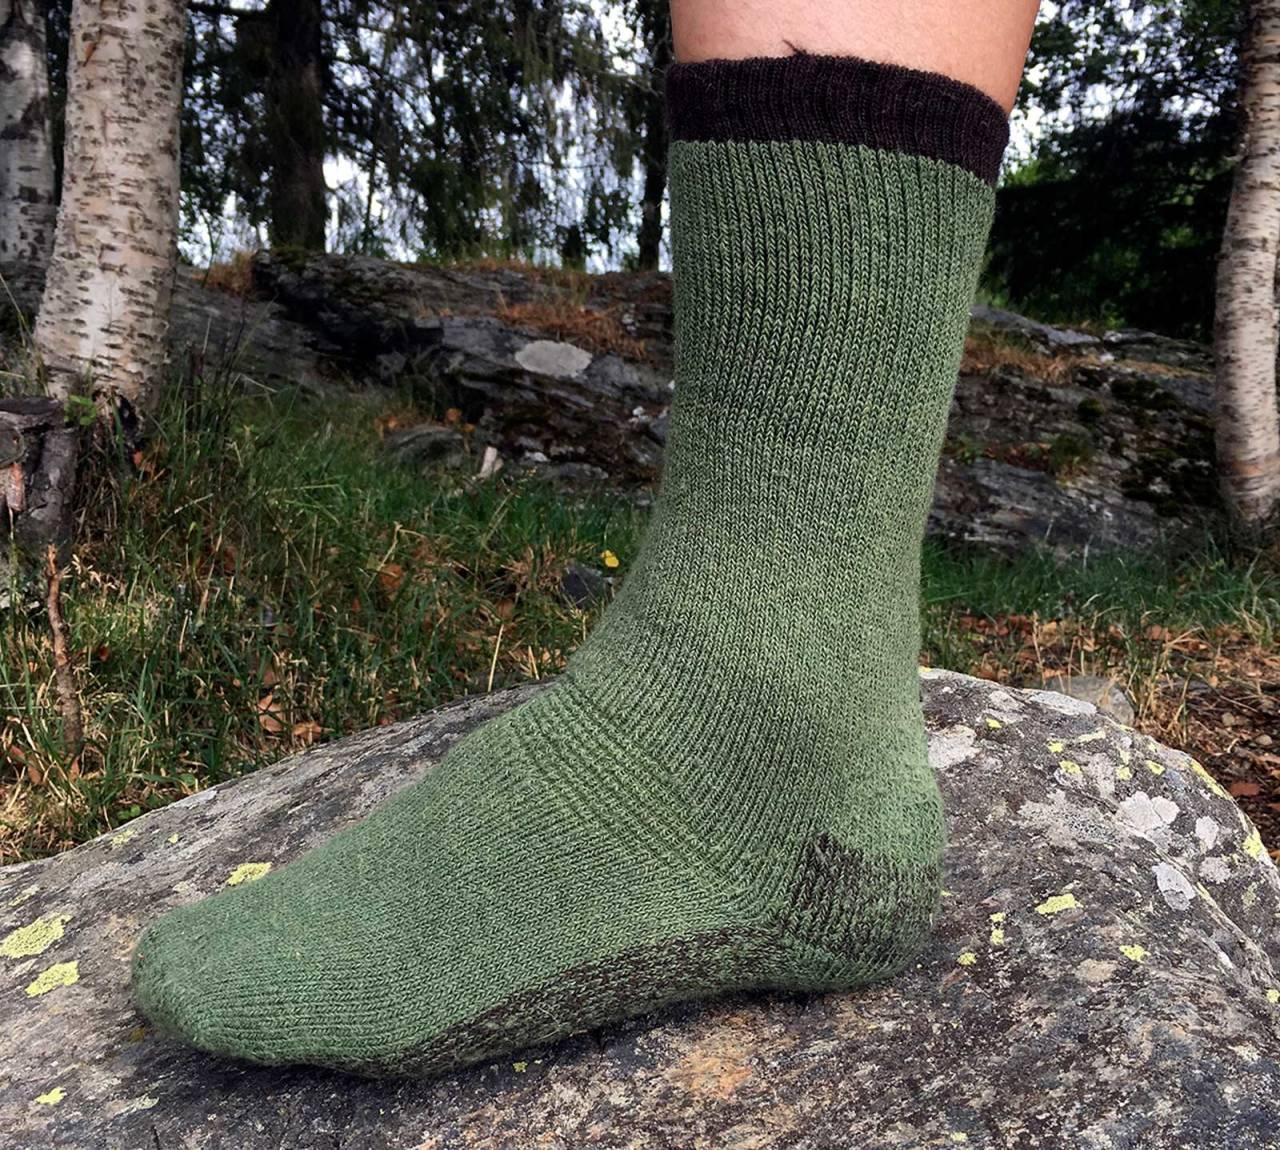 Grei miks: Disse sokkene er av en materialmiks som funker mesteparten av året.